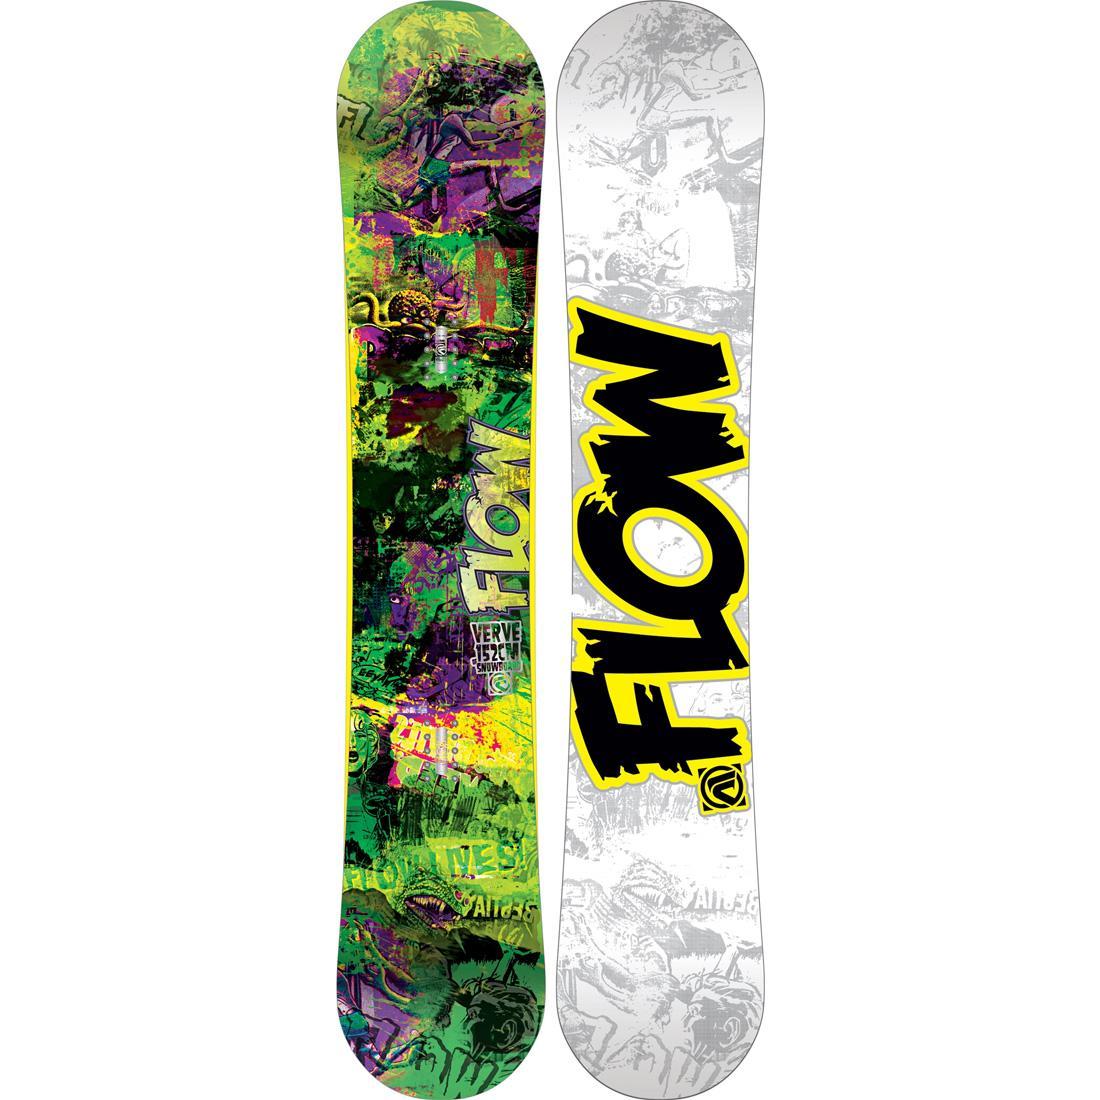 L 39 endroit o j 39 ai d nich le snowboard pas cher de mes r ves - Dommage ouvrage pas cher ...